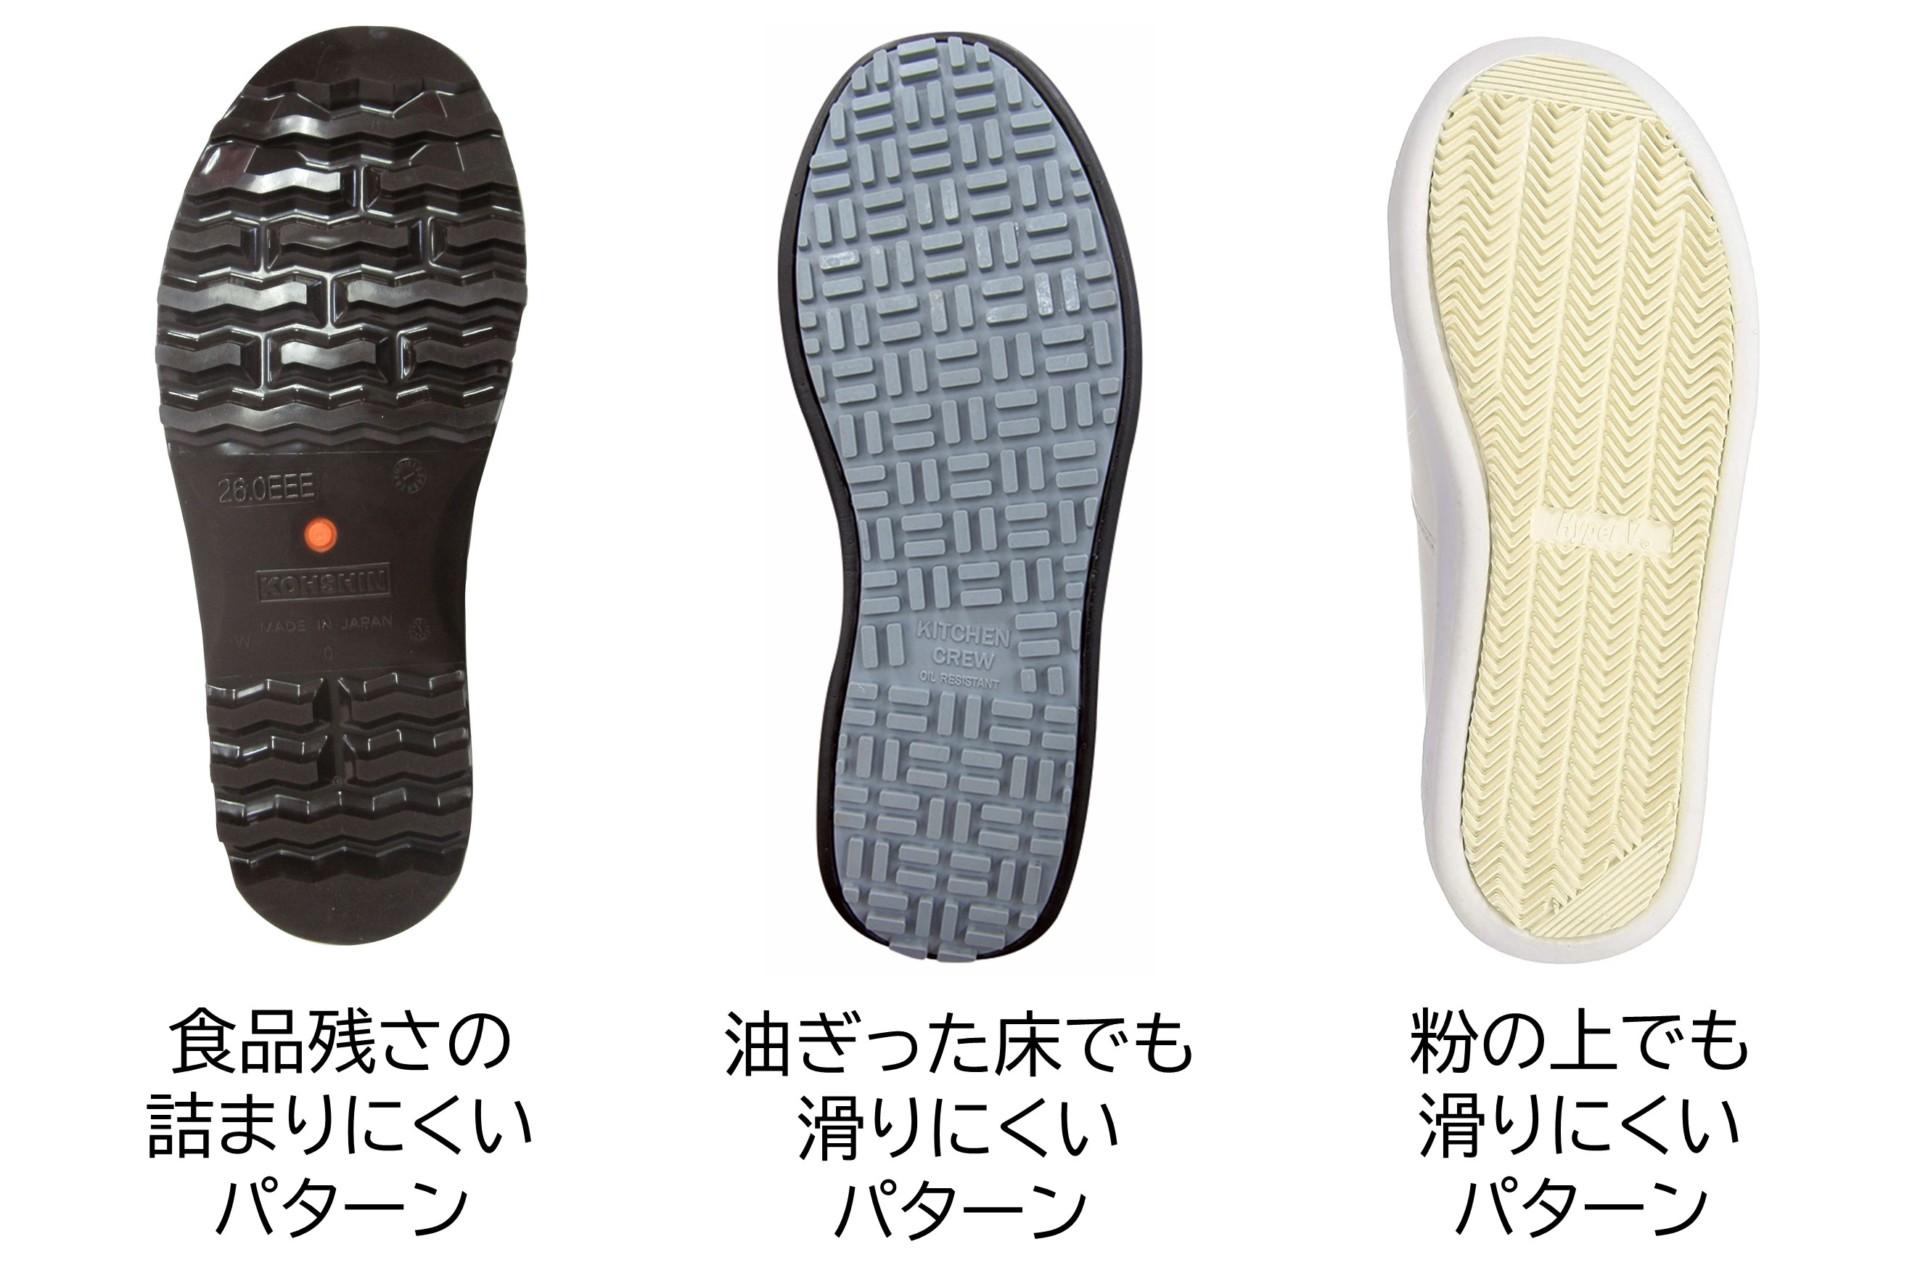 靴底のパターン